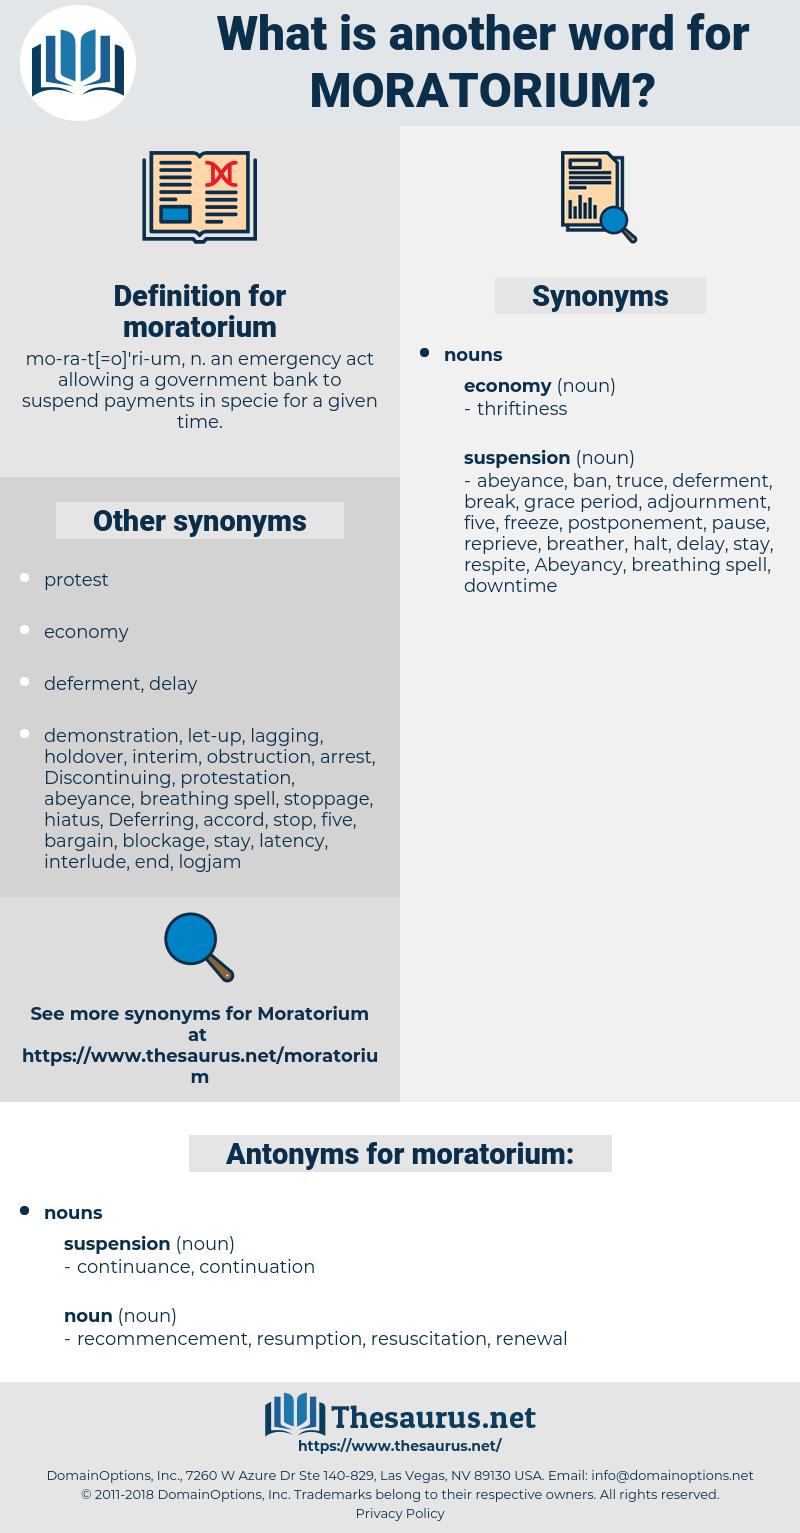 moratorium, synonym moratorium, another word for moratorium, words like moratorium, thesaurus moratorium